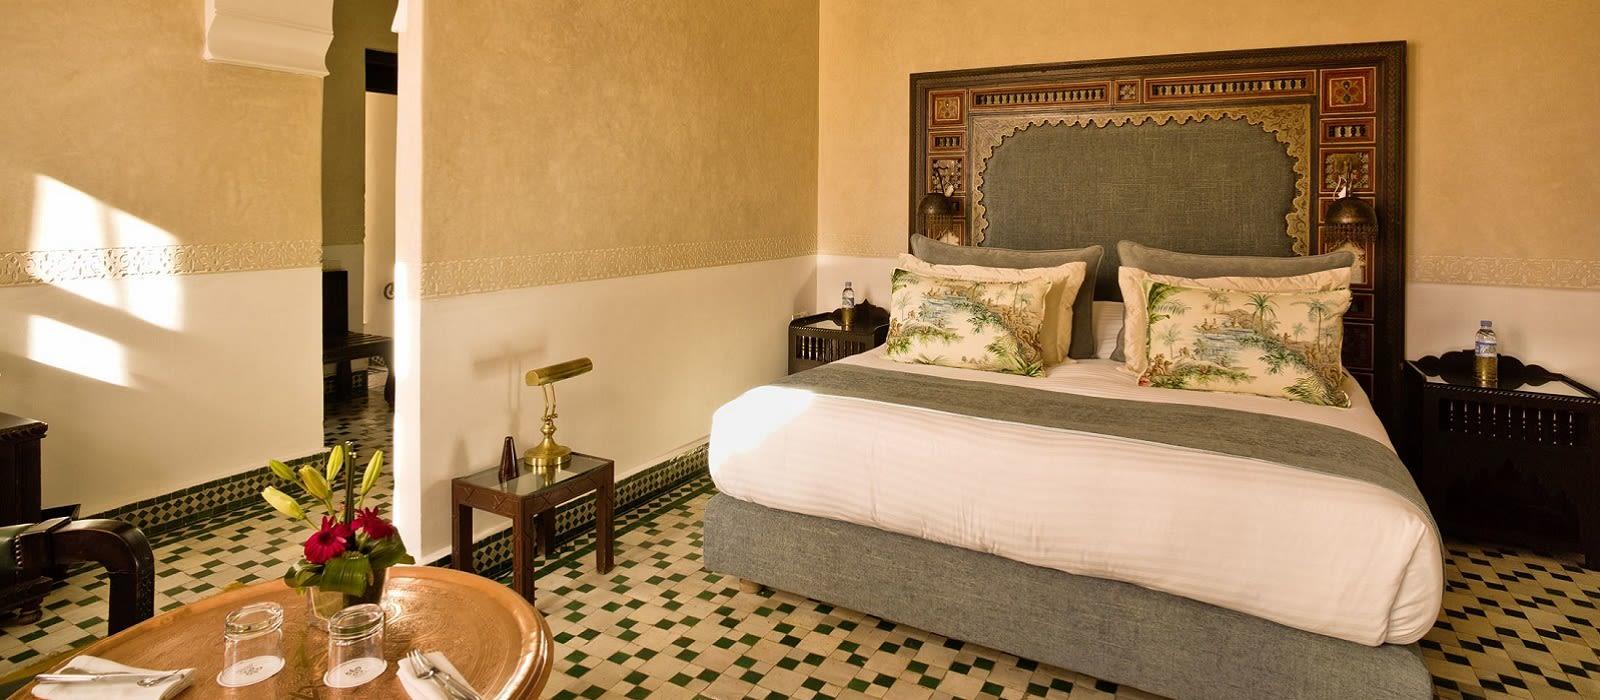 Hotel Riad Fes Morocco